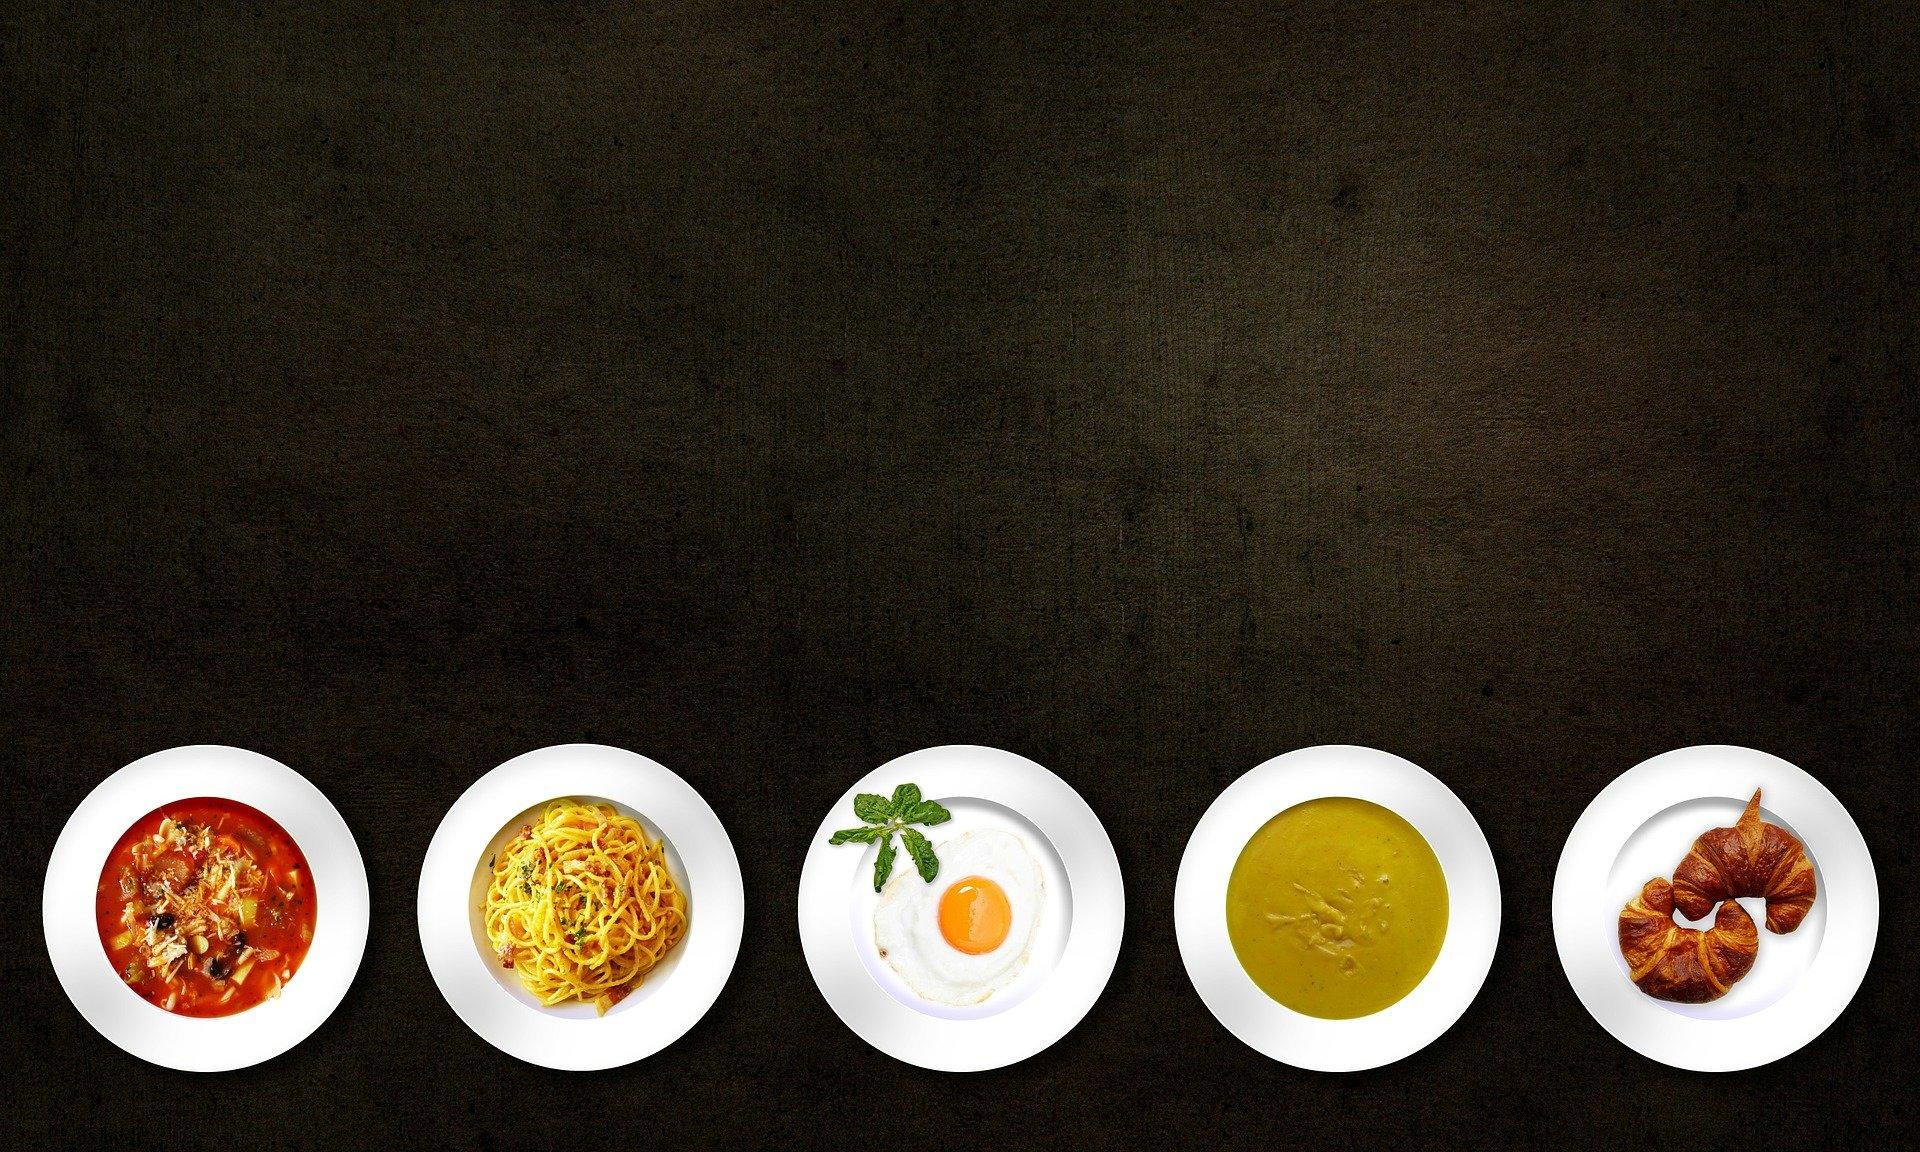 Coronavirus-Diäten: Was hinter dem Drang zu Essen, wie kleine Kinder?